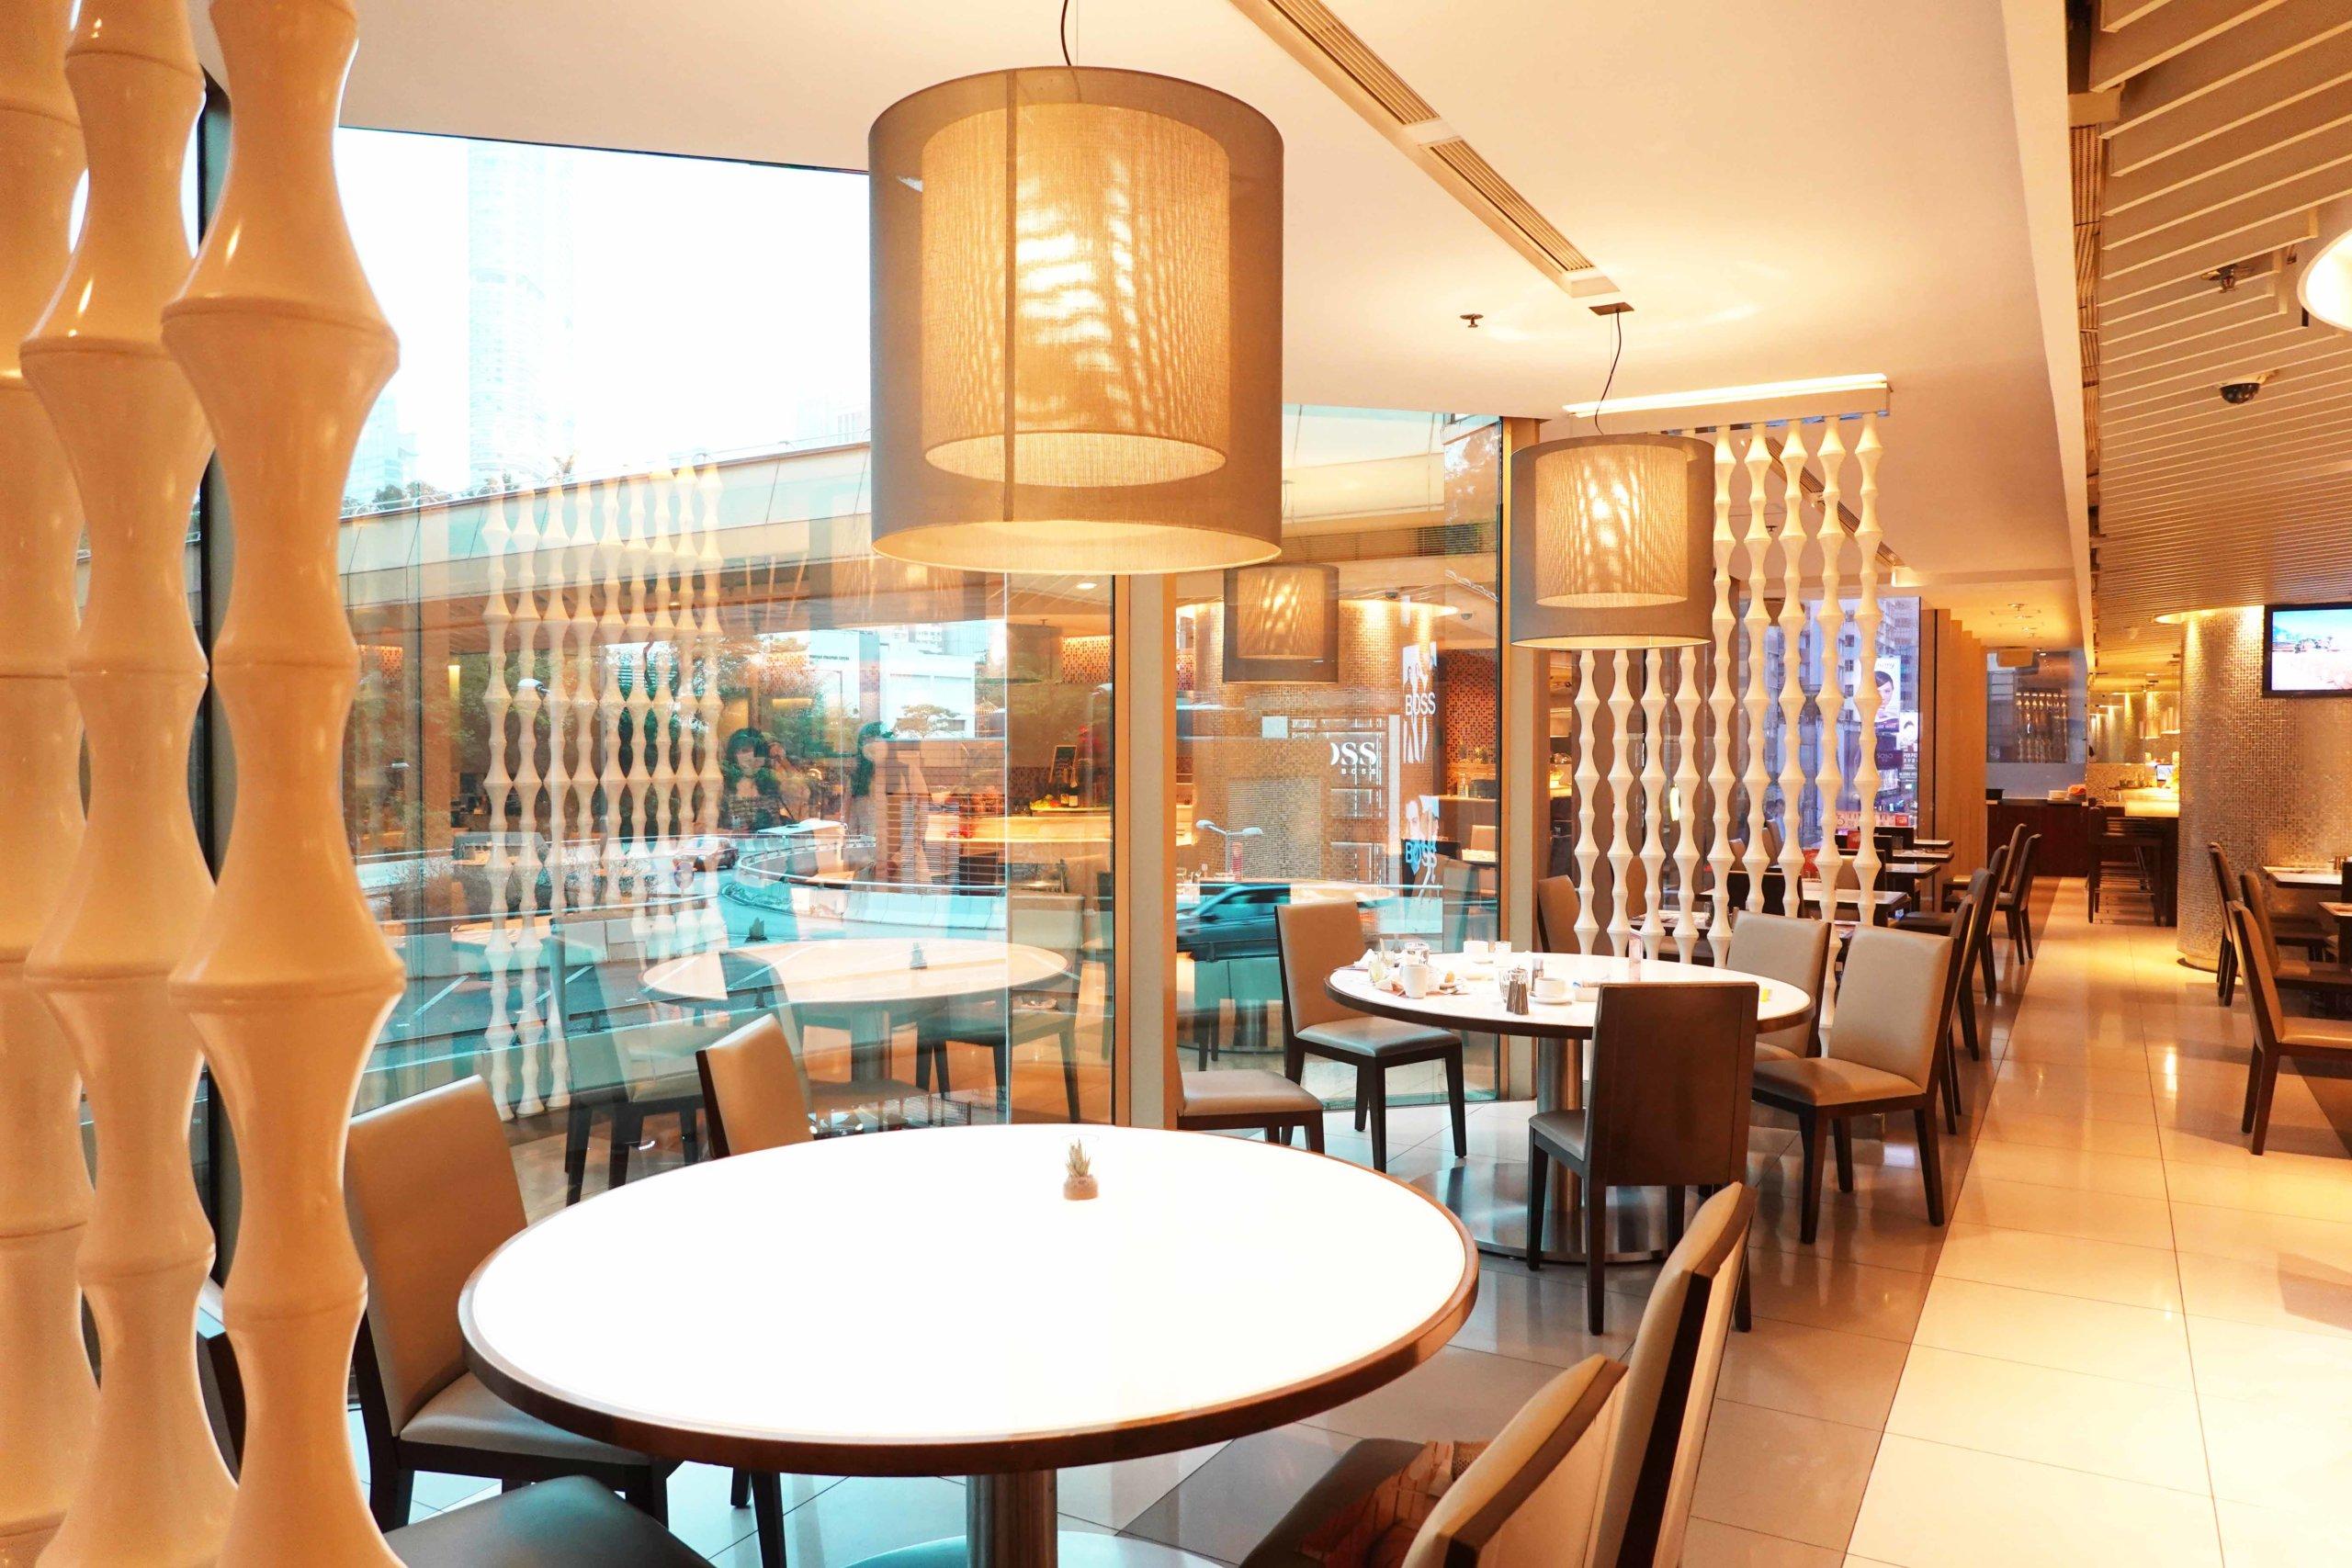 餐廳位於尖沙咀市中心,環境幽靜,最啱行完街上嚟Chill下!